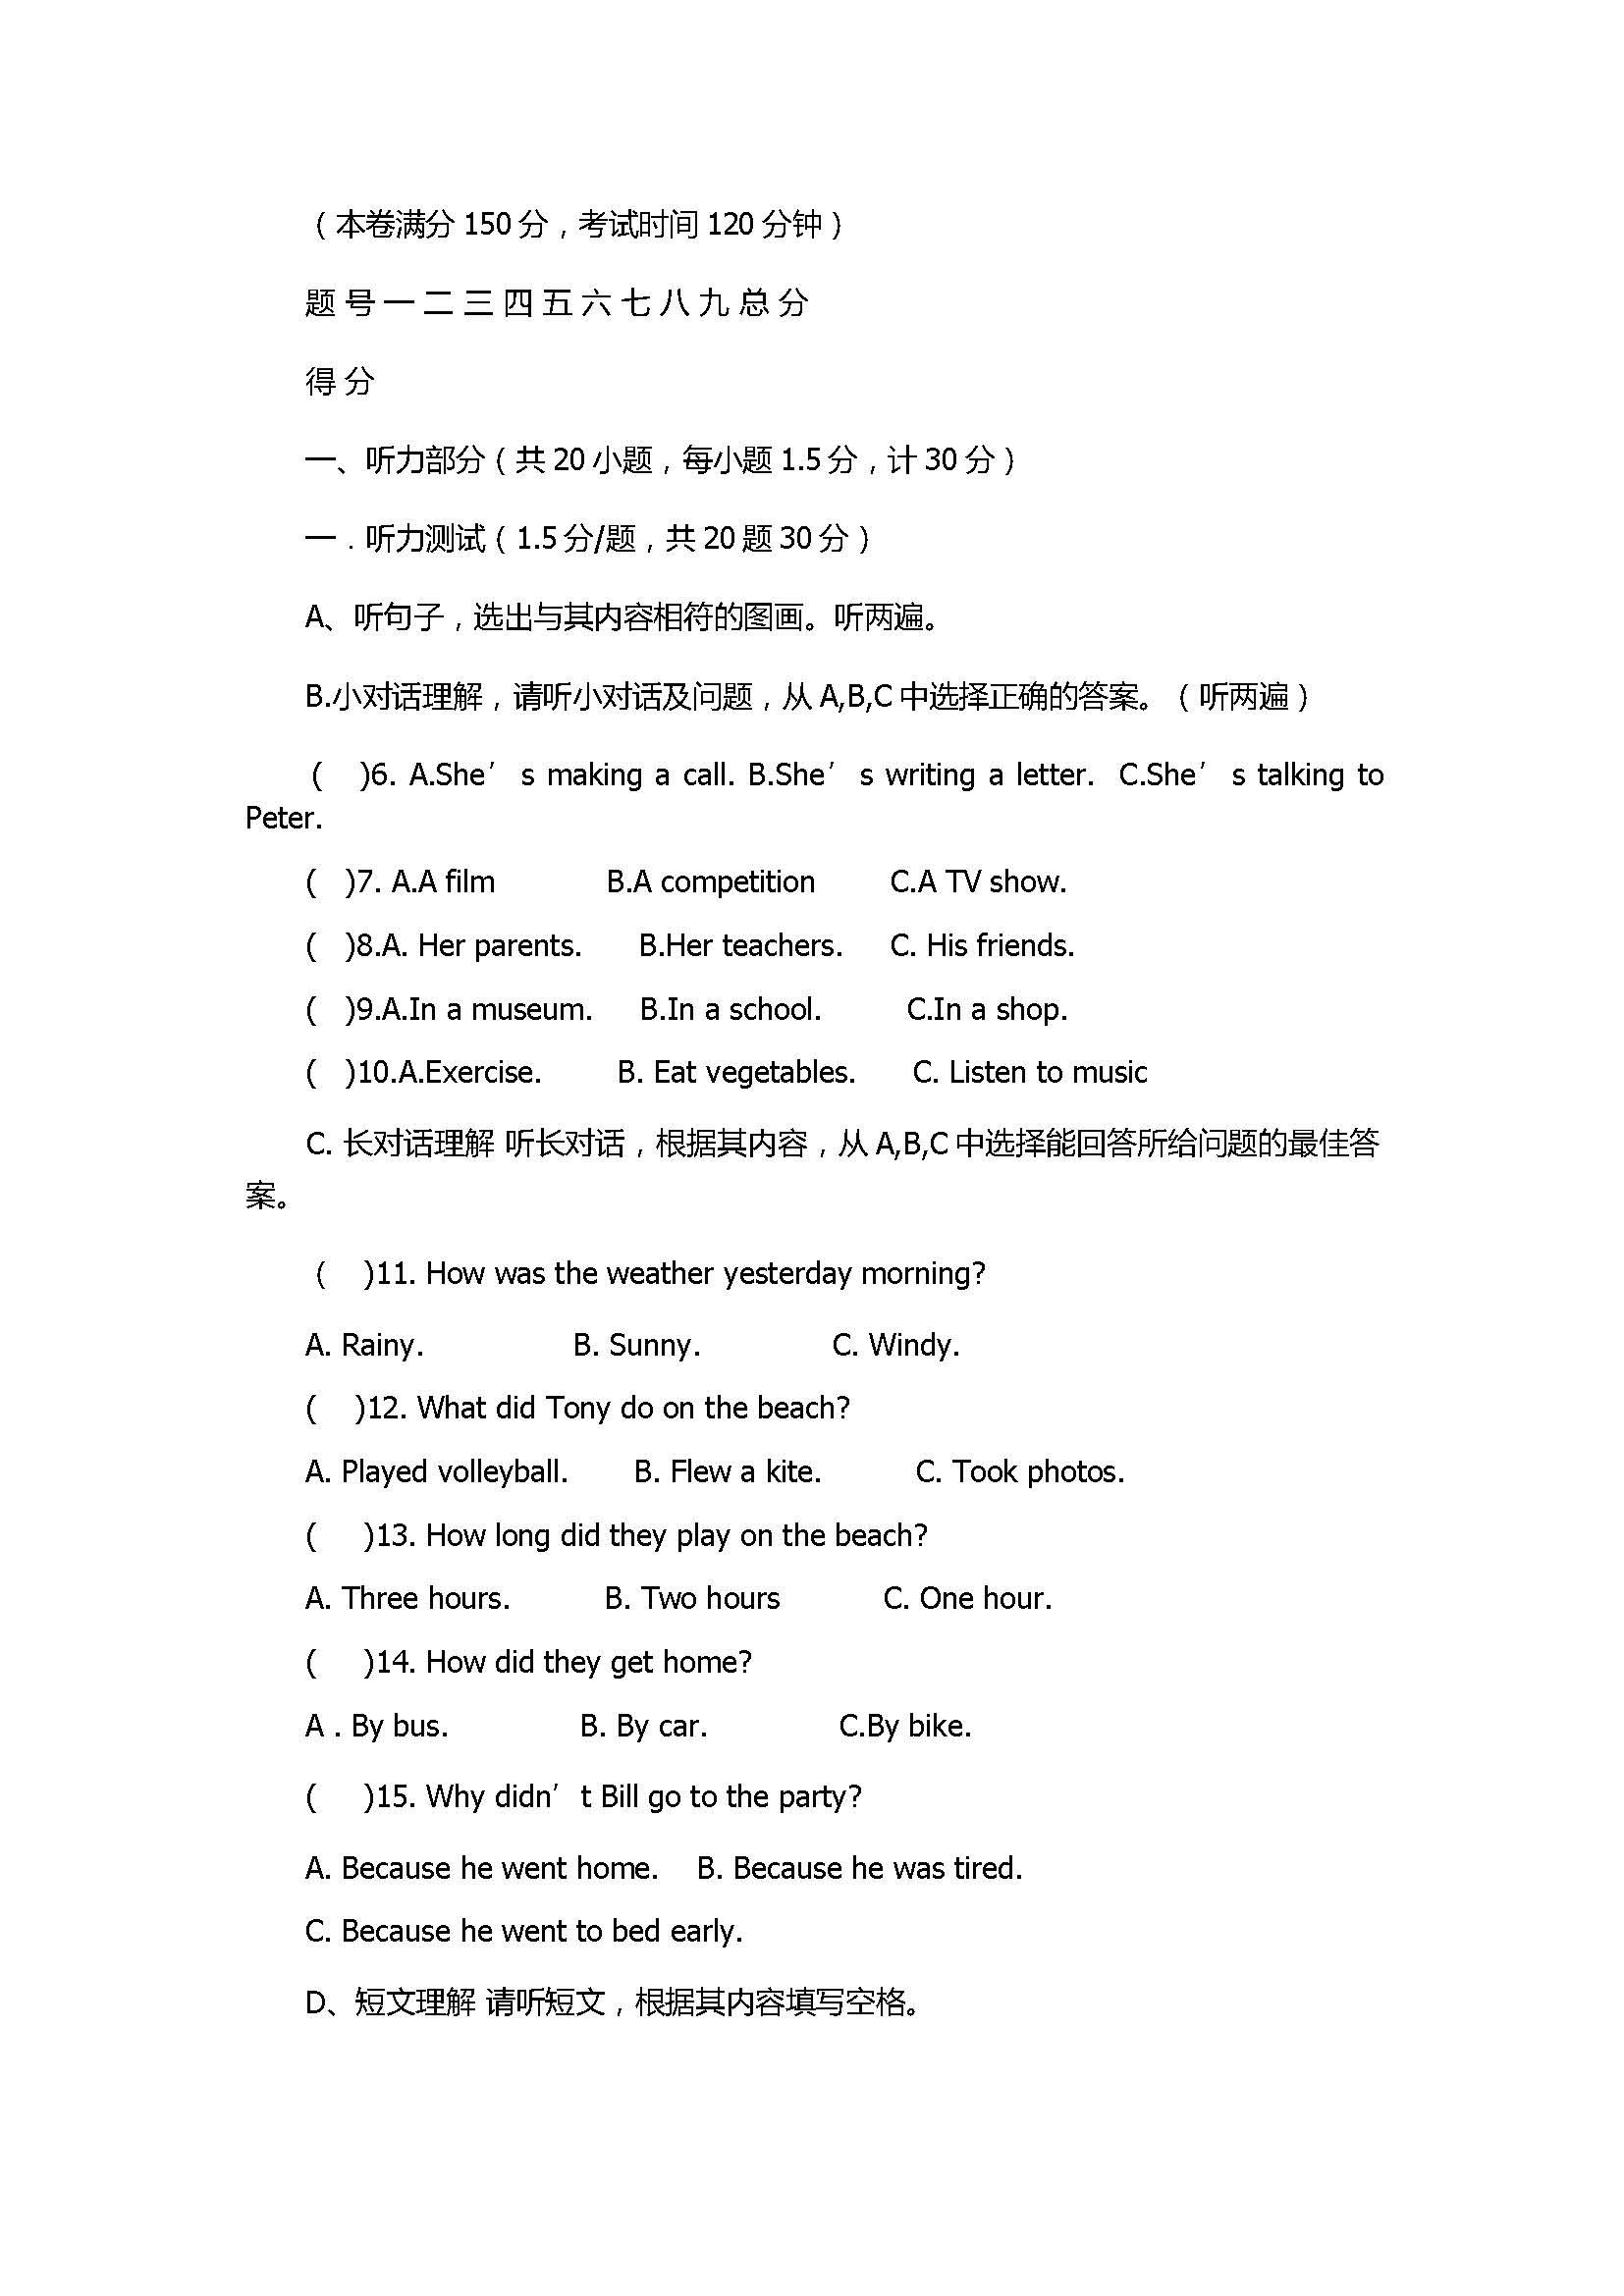 2017八年级英语上册期中测试题带参考答案(绥阳县)